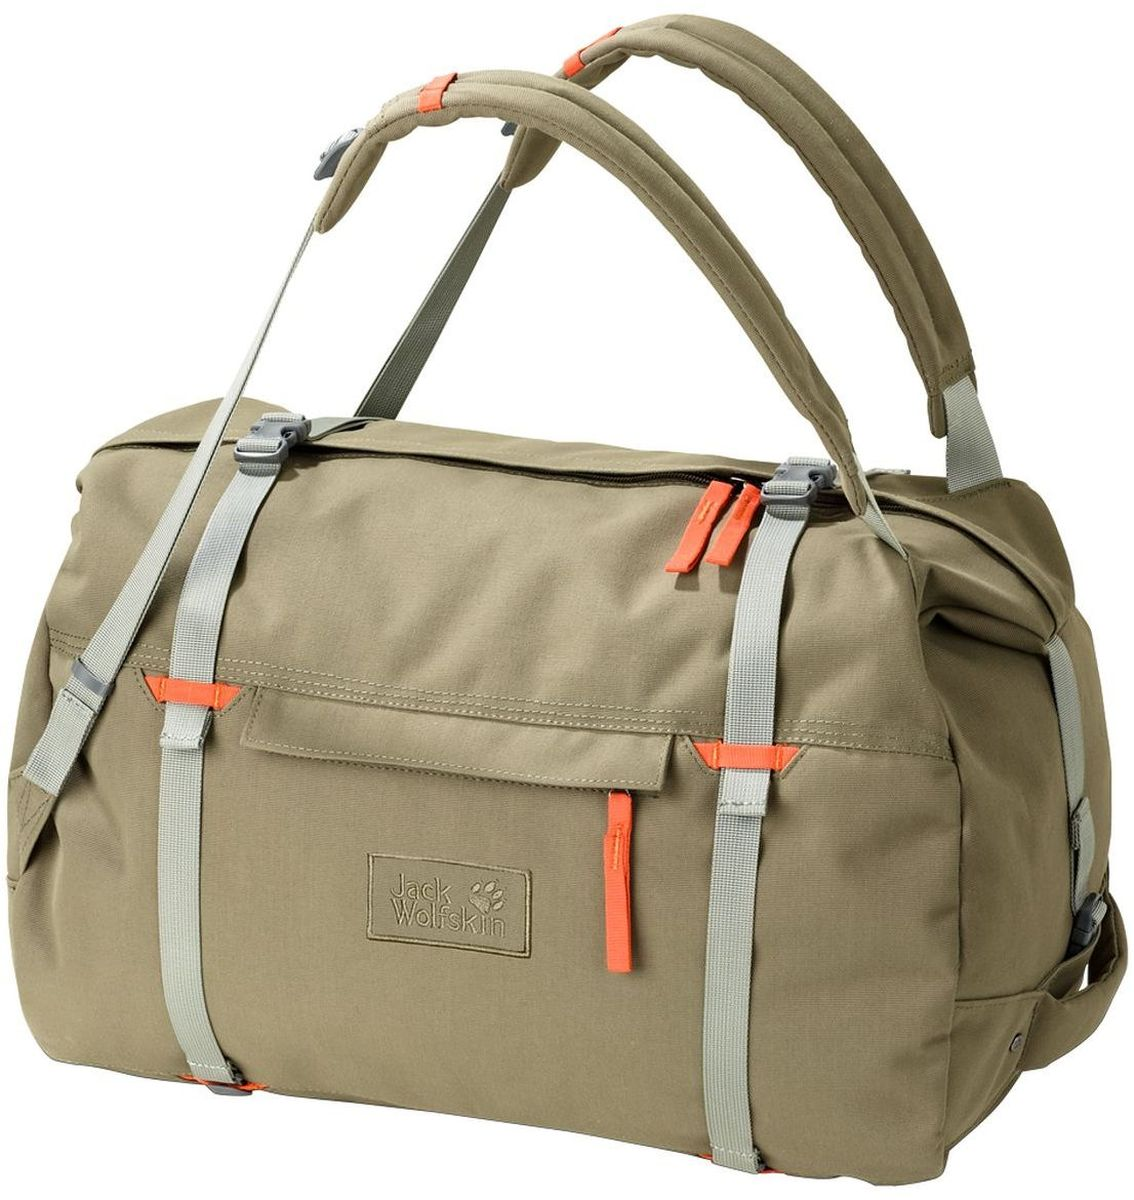 Сумка-рюкзак Jack Wolfskin Roamer 80 Duffle, цвет: бежевый. 2005451-5033311Сумка-рюкзак Jack Wolfskin Roamer 80 Duffle выполнена из полиэстер. Модель с одним отделением. Передняя стенка оформлена карманом на молнии. Очень большая и прочная сумка для путешествий с возможностью ношения как рюкзак